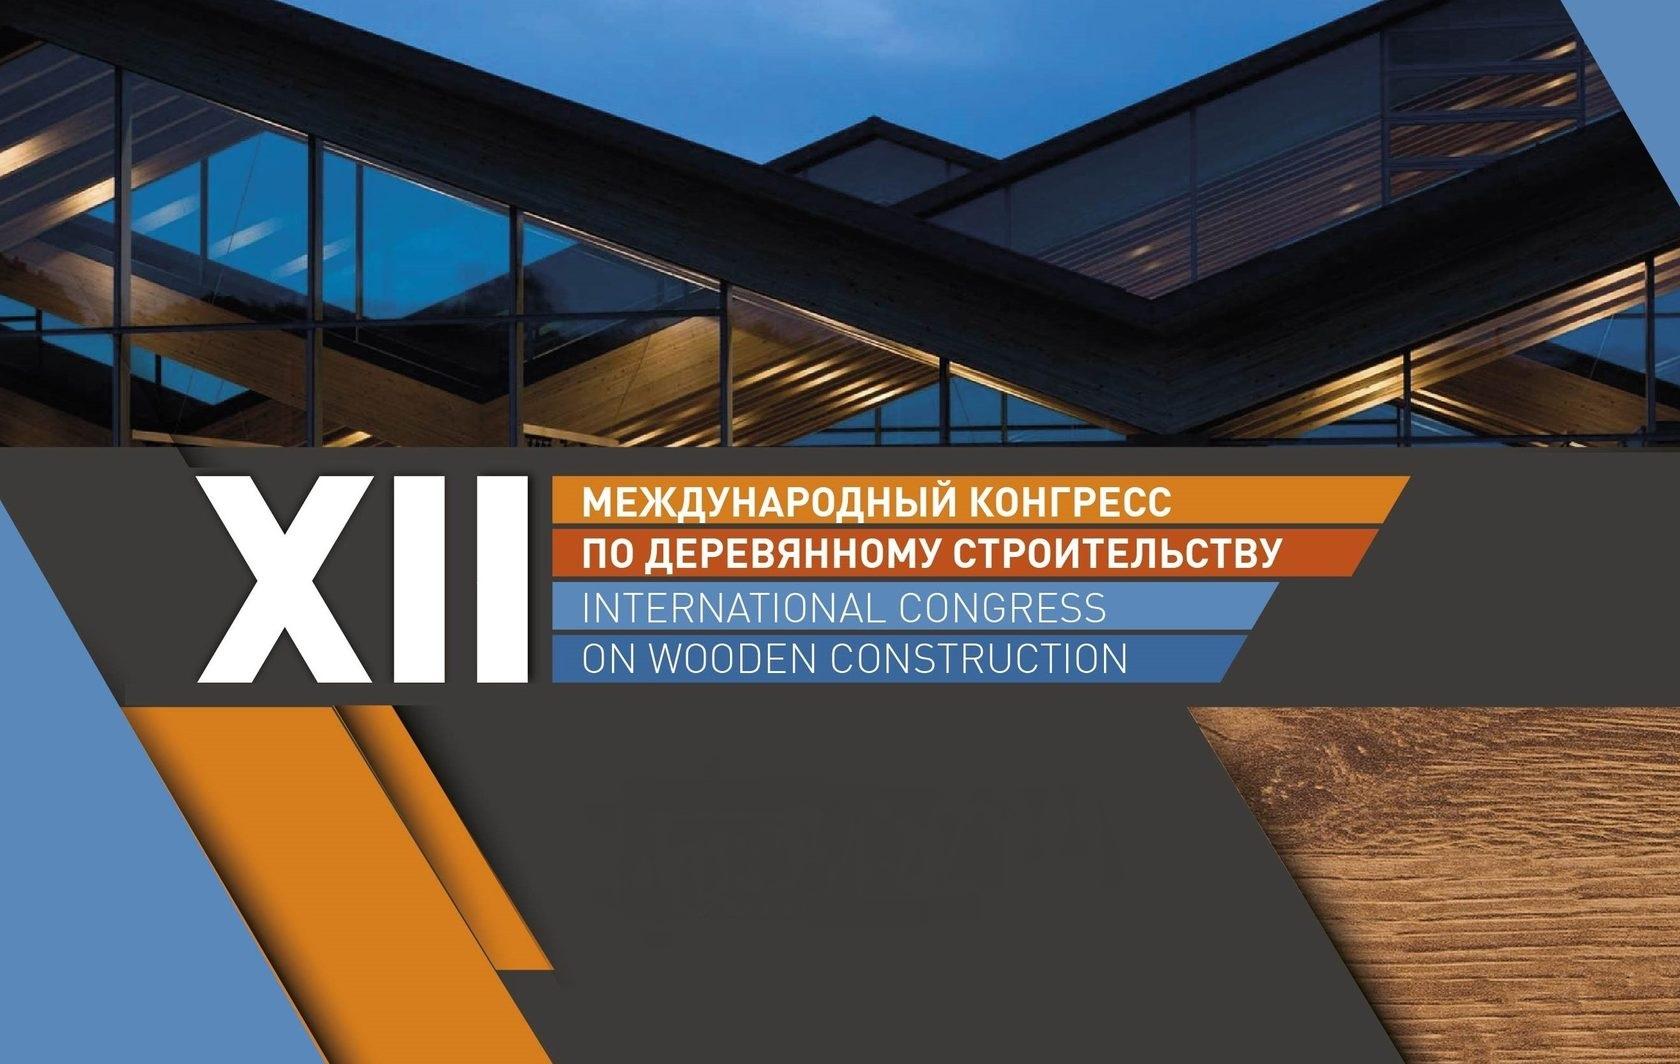 HONKA — участник Международного Конгресса по деревянному строительству 2019